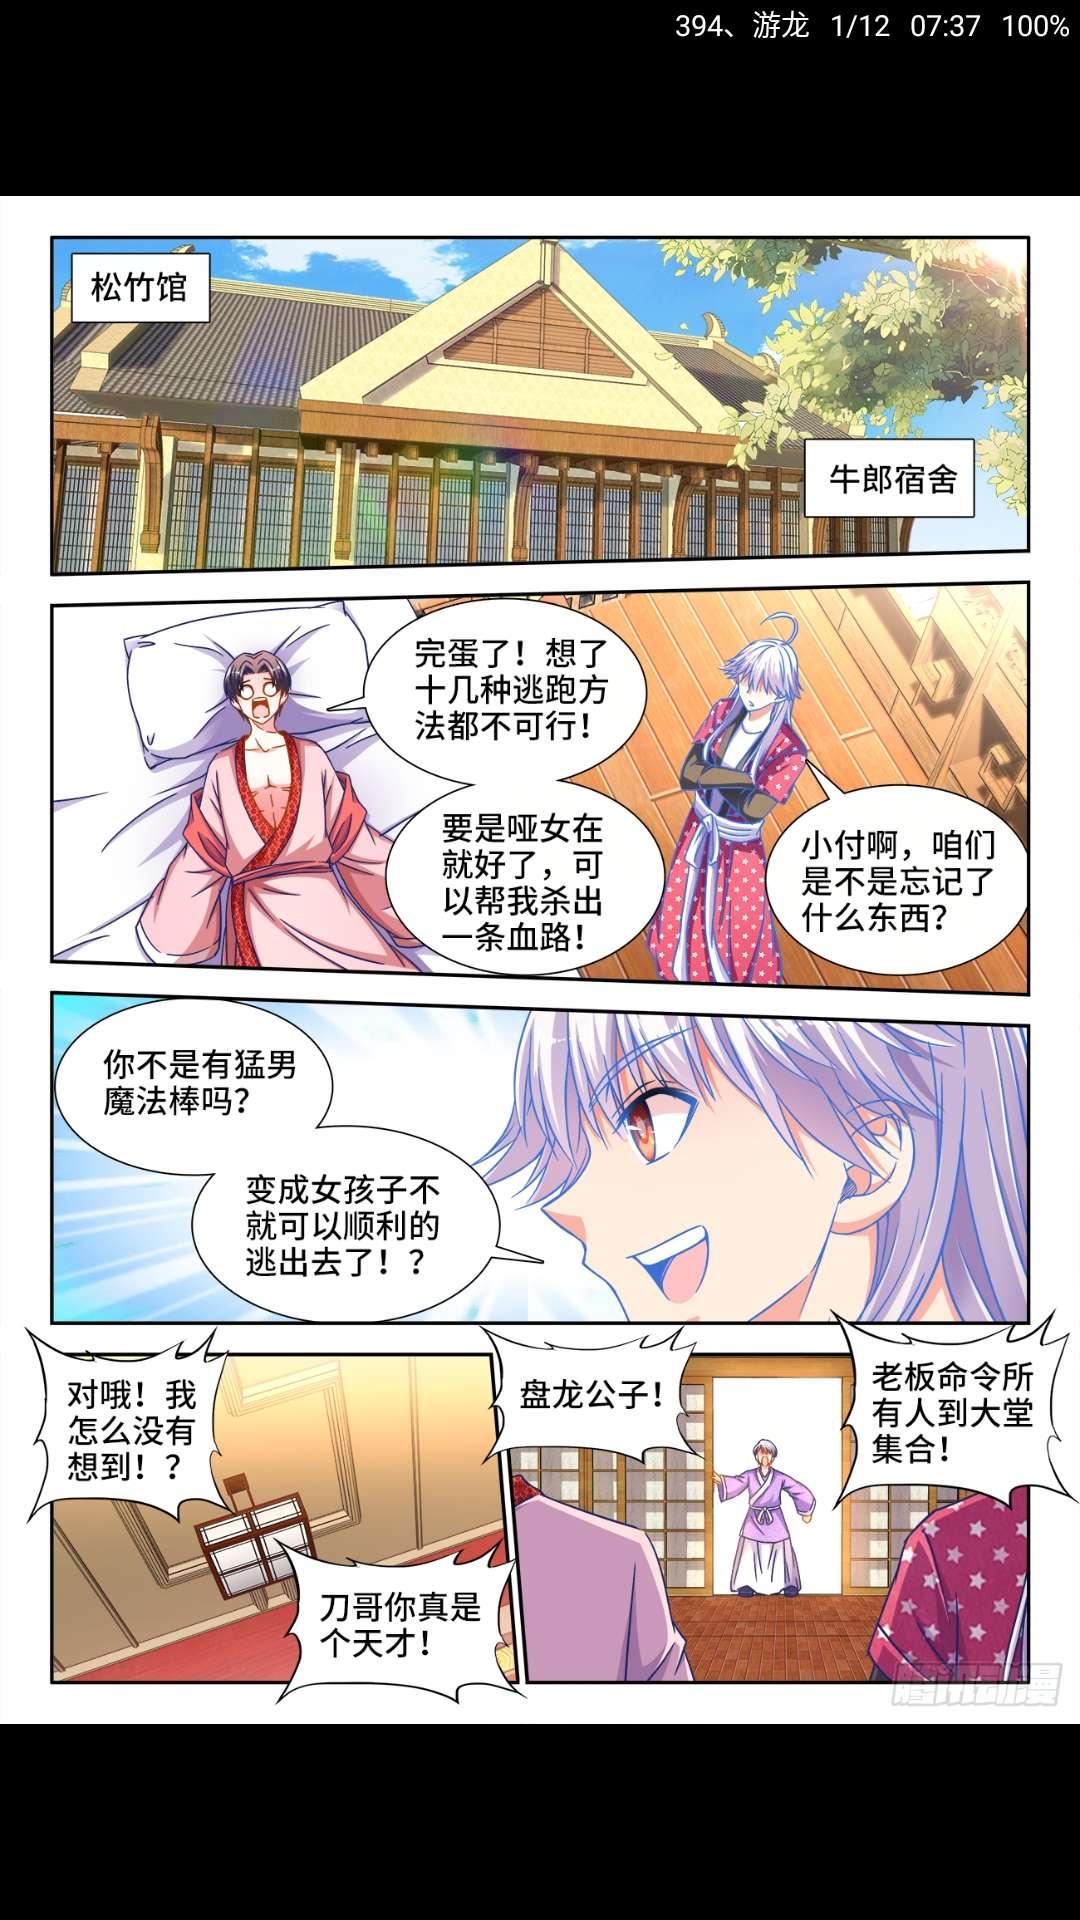 【漫画更新】食色大陆   更新啦  最新两话-小柚妹站